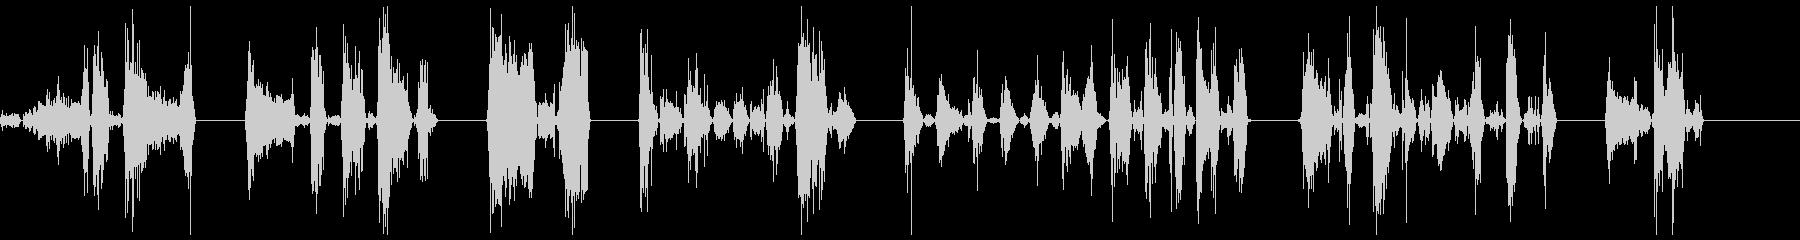 ゾンビの悪質な攻撃1-7の未再生の波形